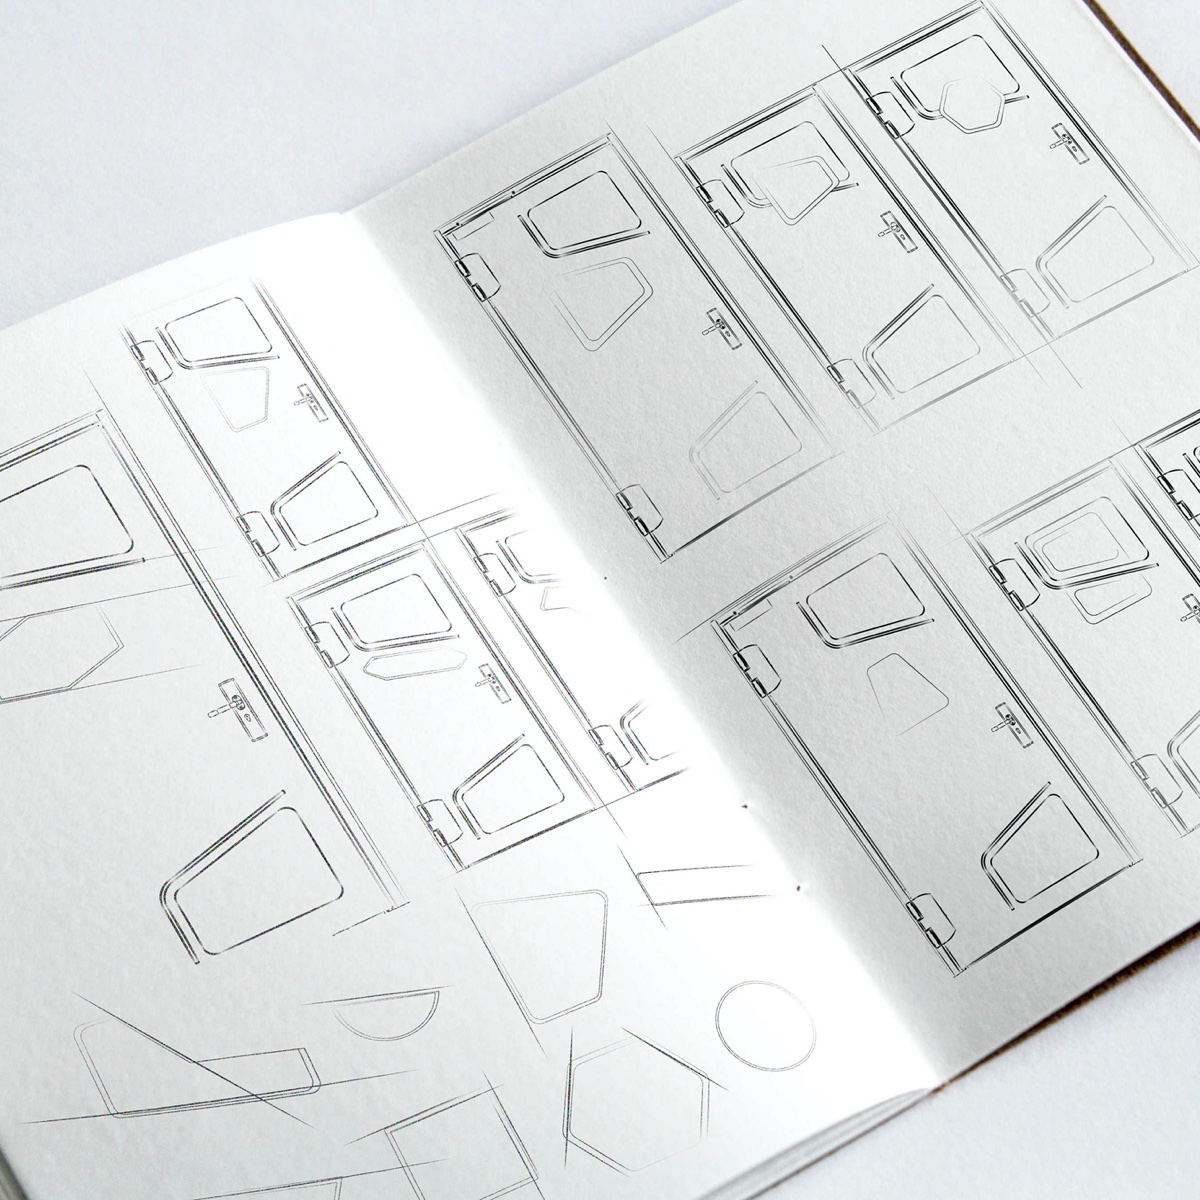 Porte technique modulaire AGIL Baumert personnalisable et designé par une agence de design